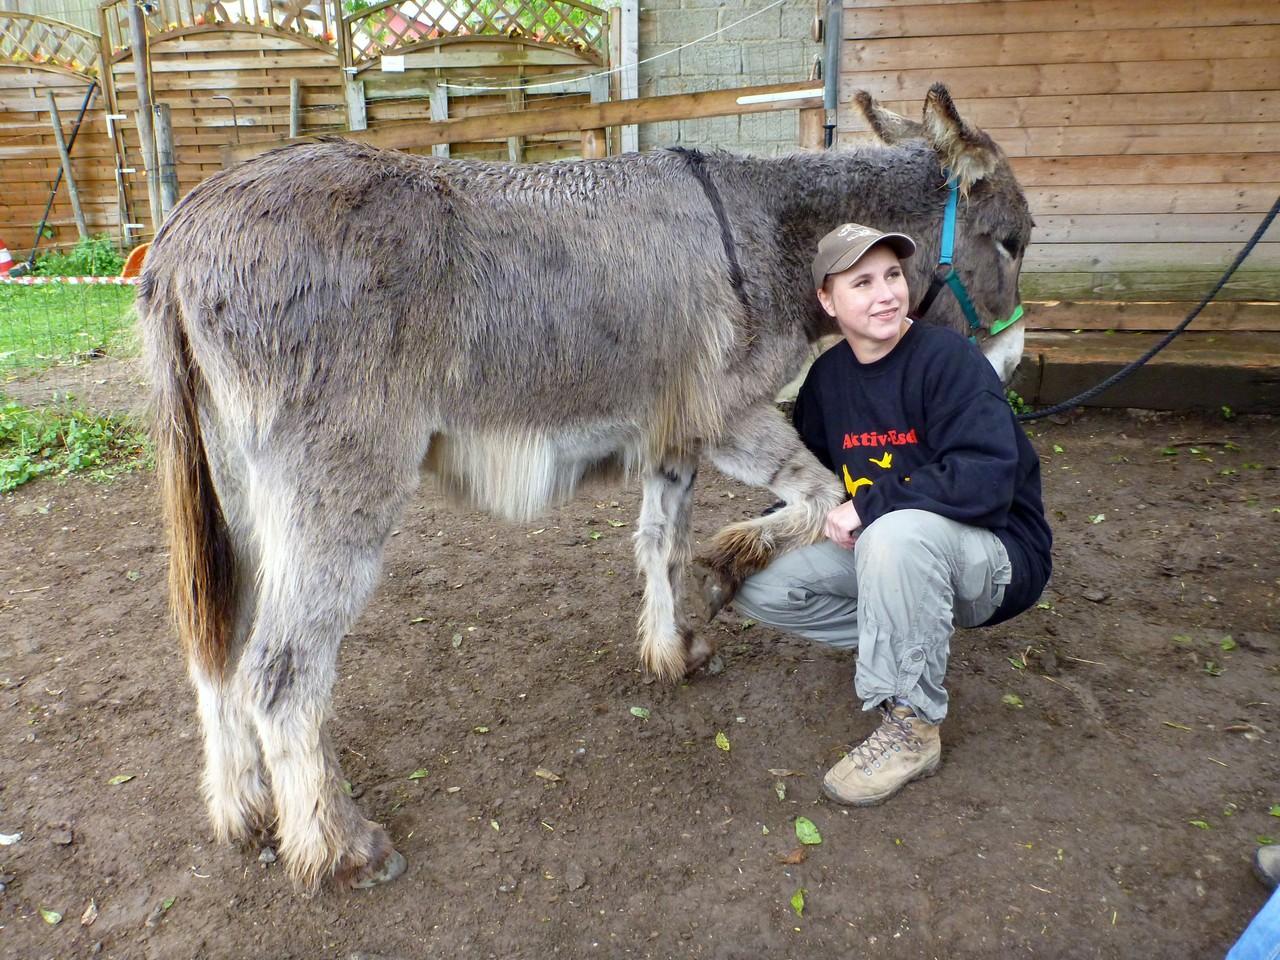 Judith Schmidt erklärt, wie man Hufe auskratzt, so dass es dem Esel dabei nicht unangenehm ist und er kooperativ bleibt. Foto: Brigitte Manser